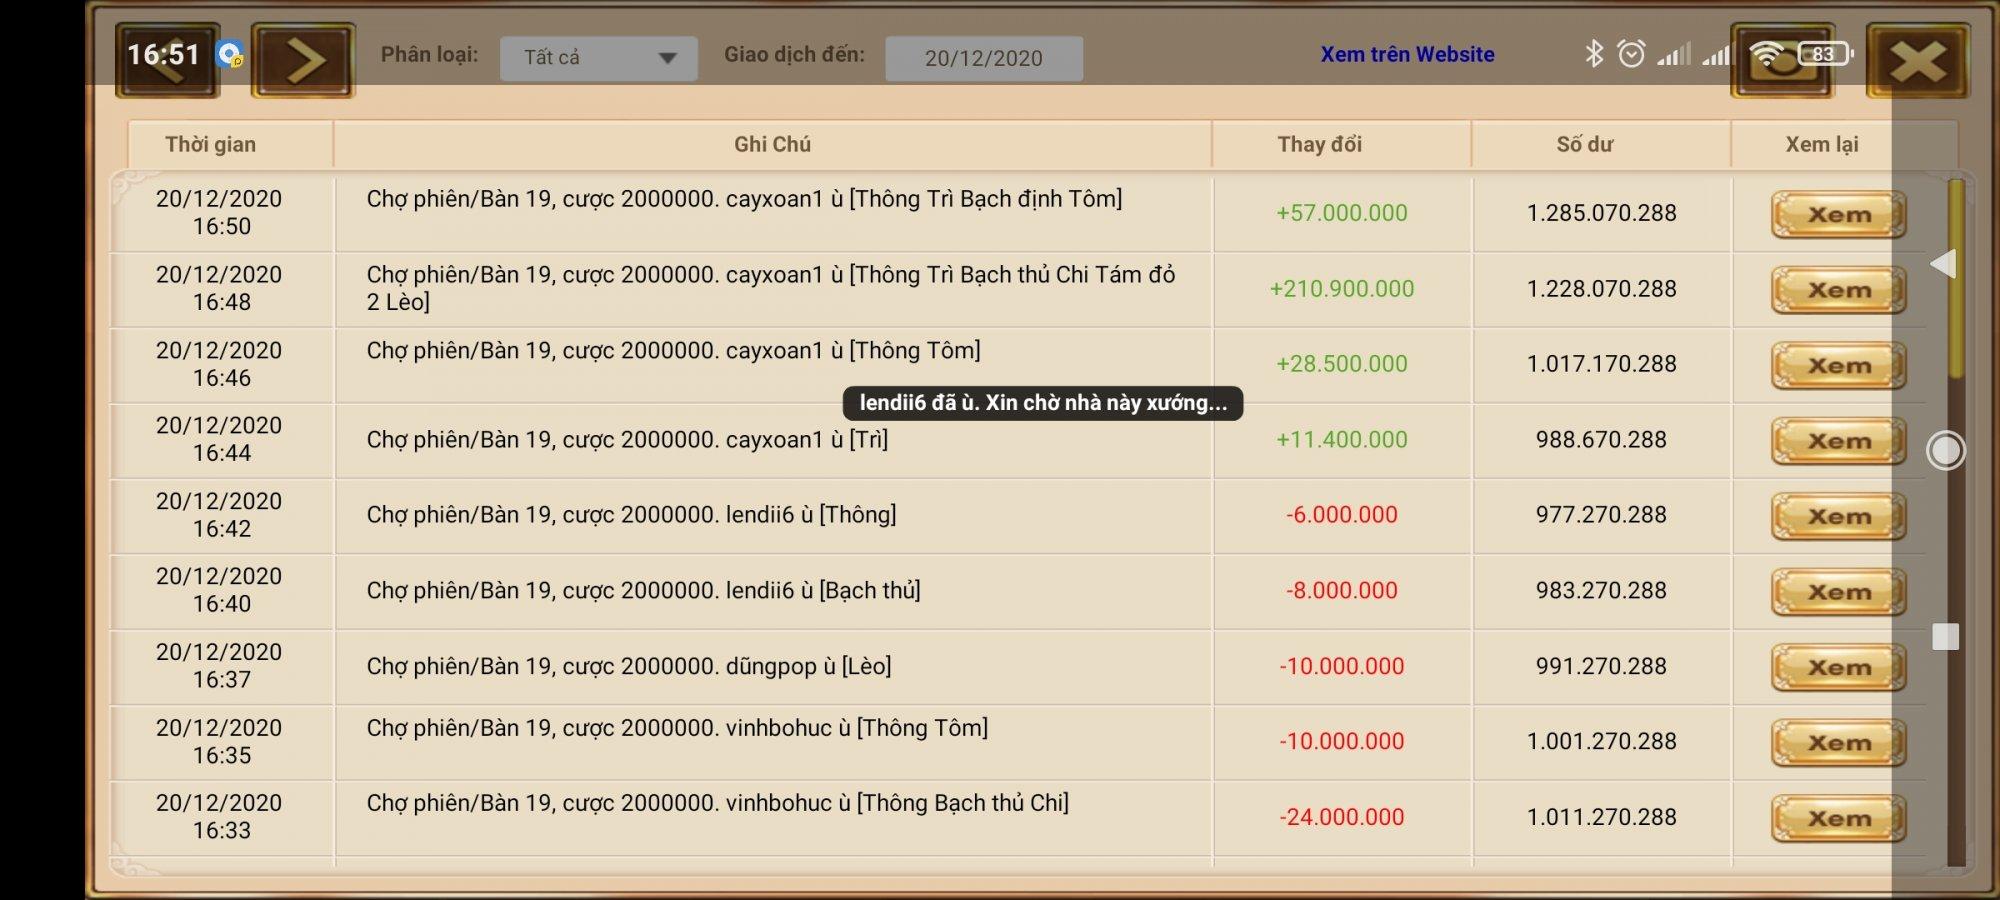 Screenshot_2020-12-20-16-51-51-749_com.vietsao.chandangian.